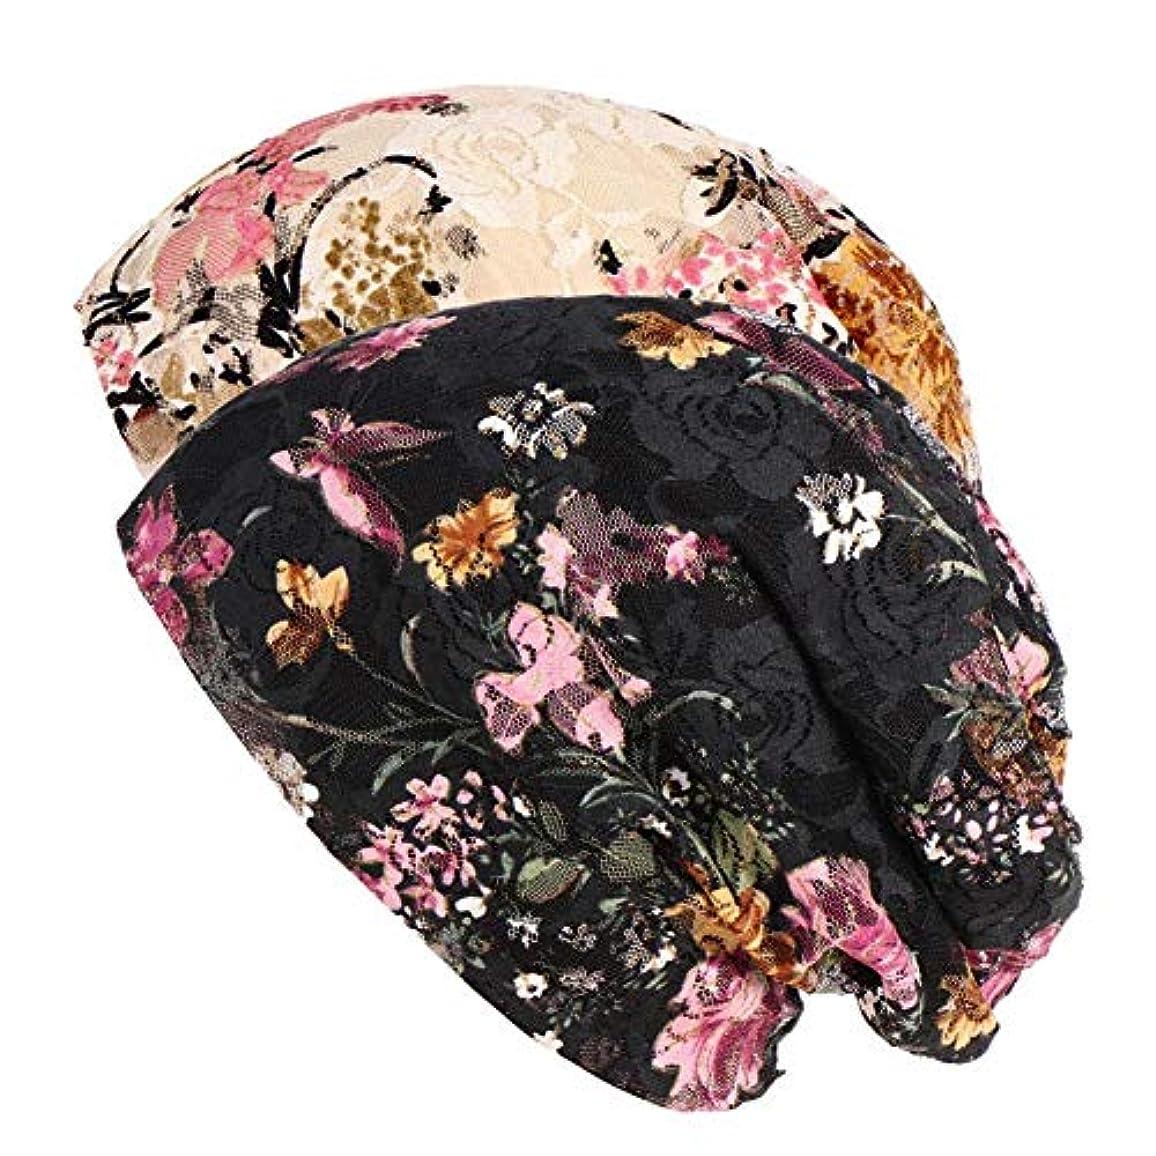 床を掃除する細断付録ヘッドスカーフ レディース ビーニーハット レディース 柔らかい 多用途 頭飾り 軽量 通気性 眠り、化学療法 、 キャンサーと脱毛症